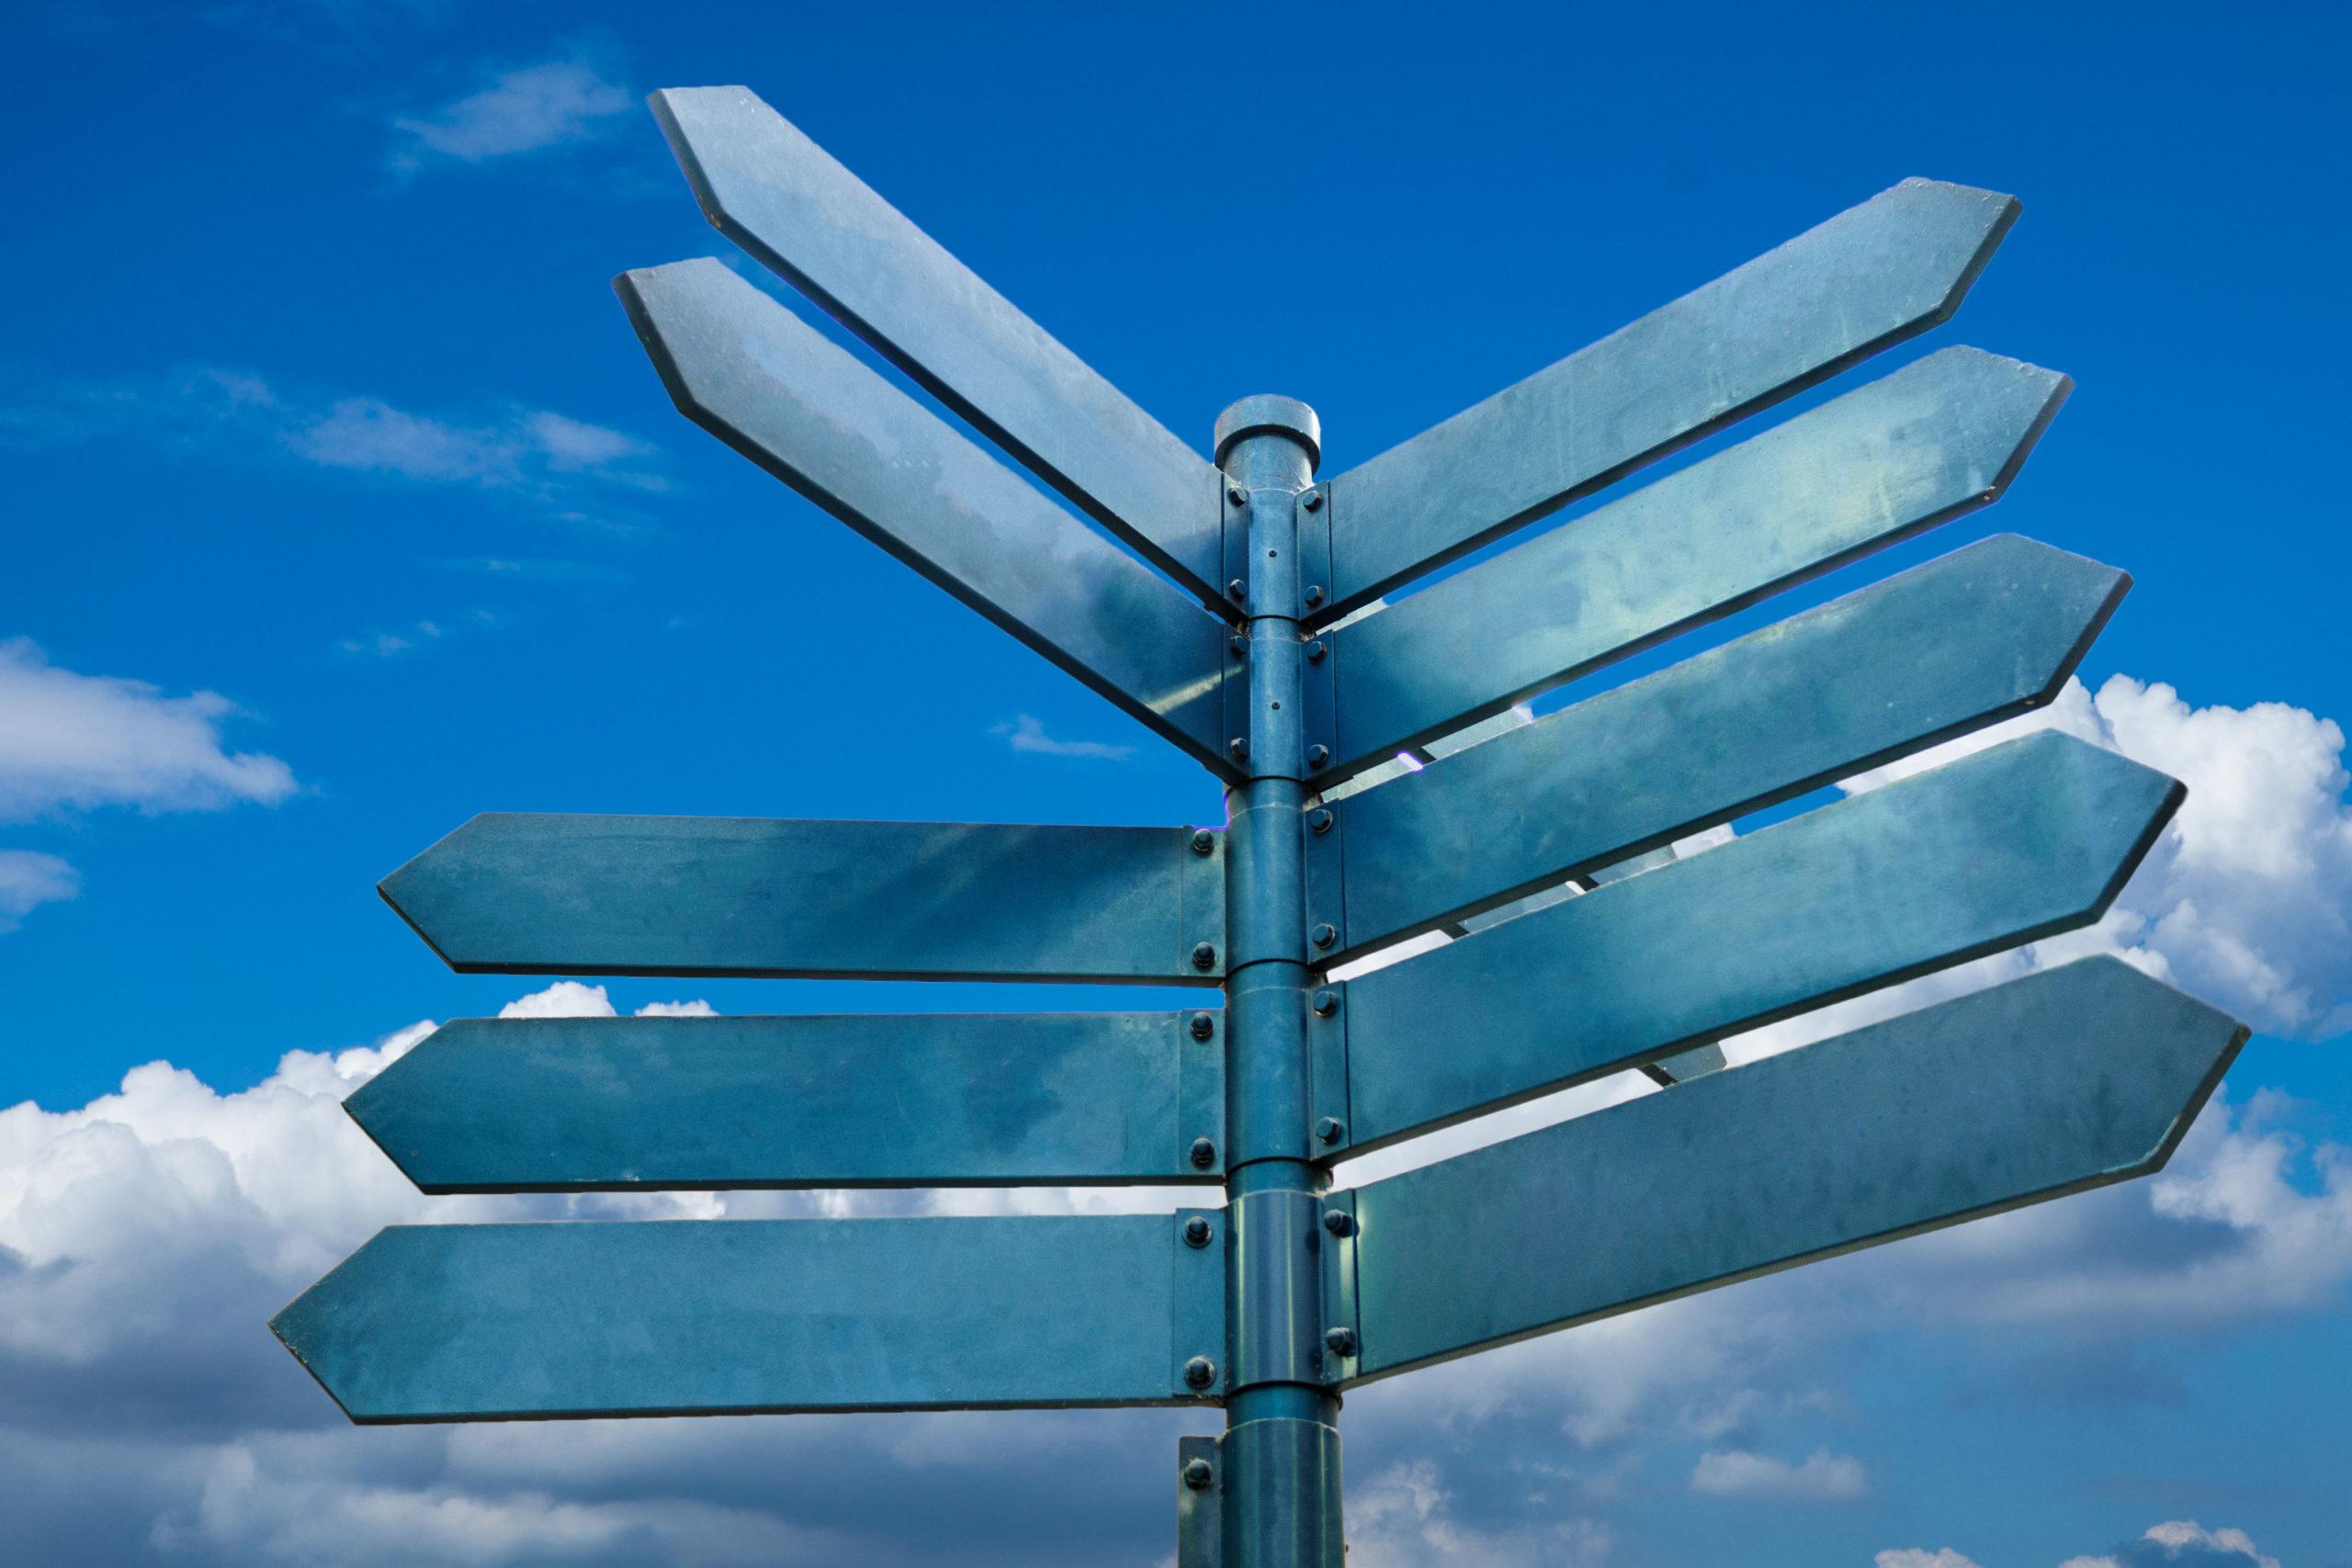 FX/株の投資家は必ずおさえたい!重要経済指標5選!!